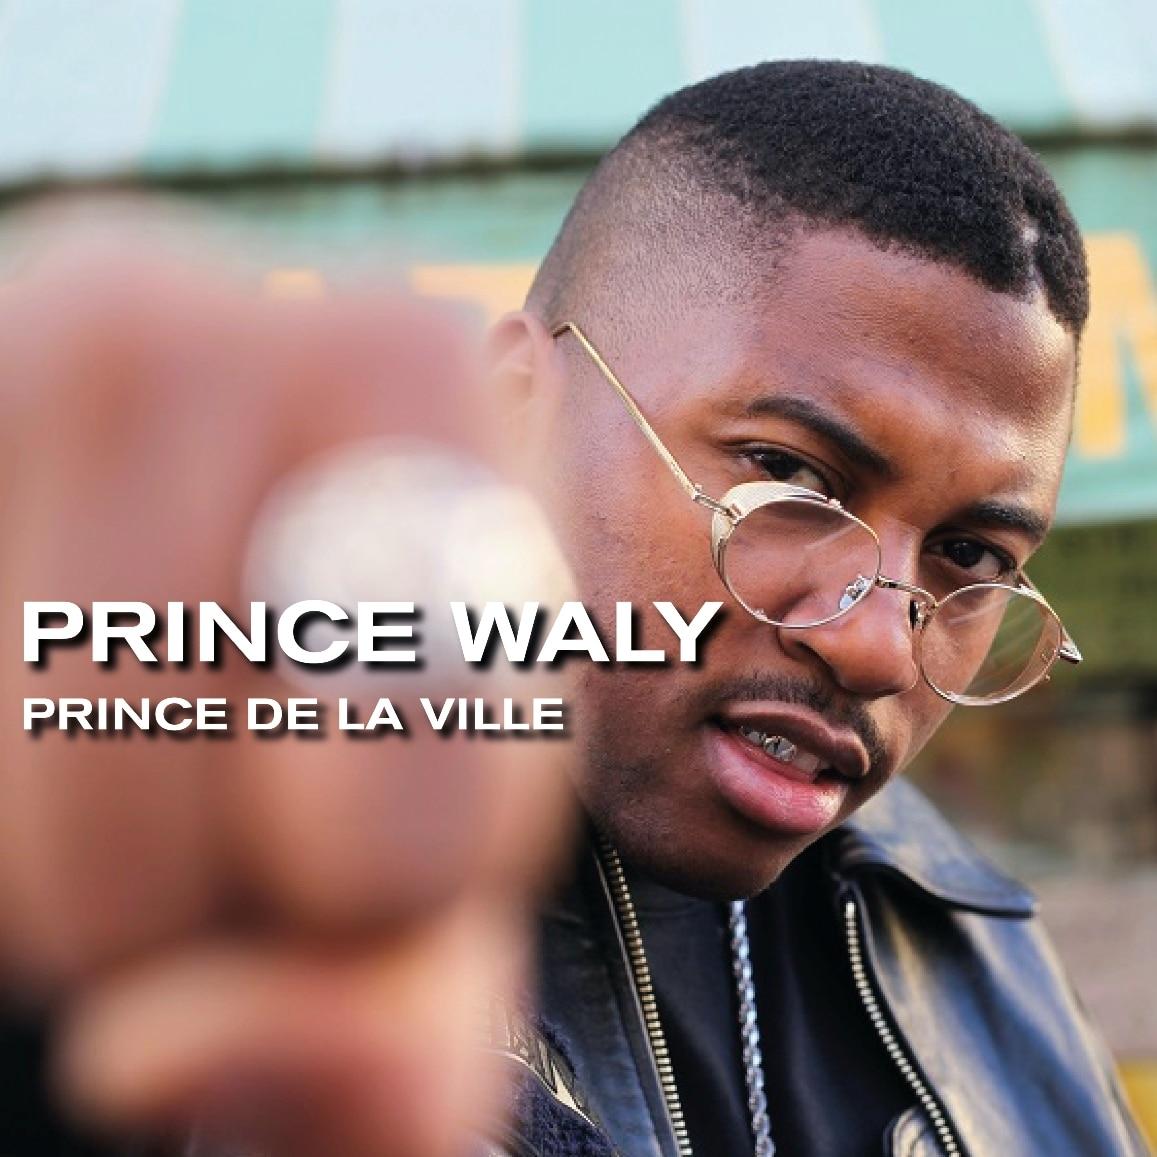 Prince Waly, prince de la ville